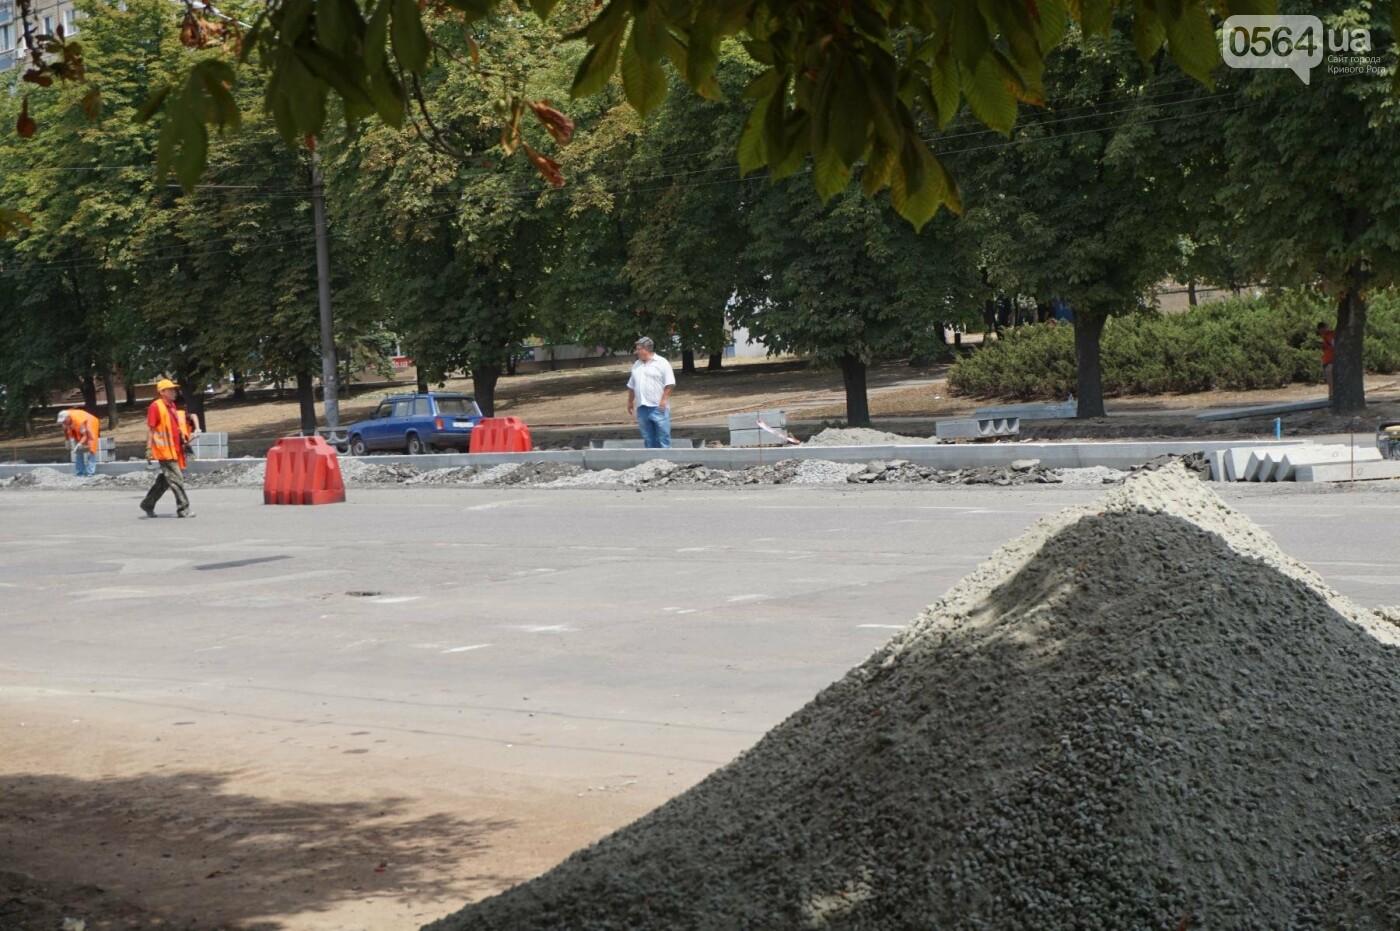 С сегодняшнего дня на центральном проспекте Кривого Рога отменены 3 остановки и запрещена парковка, - ФОТО, фото-26